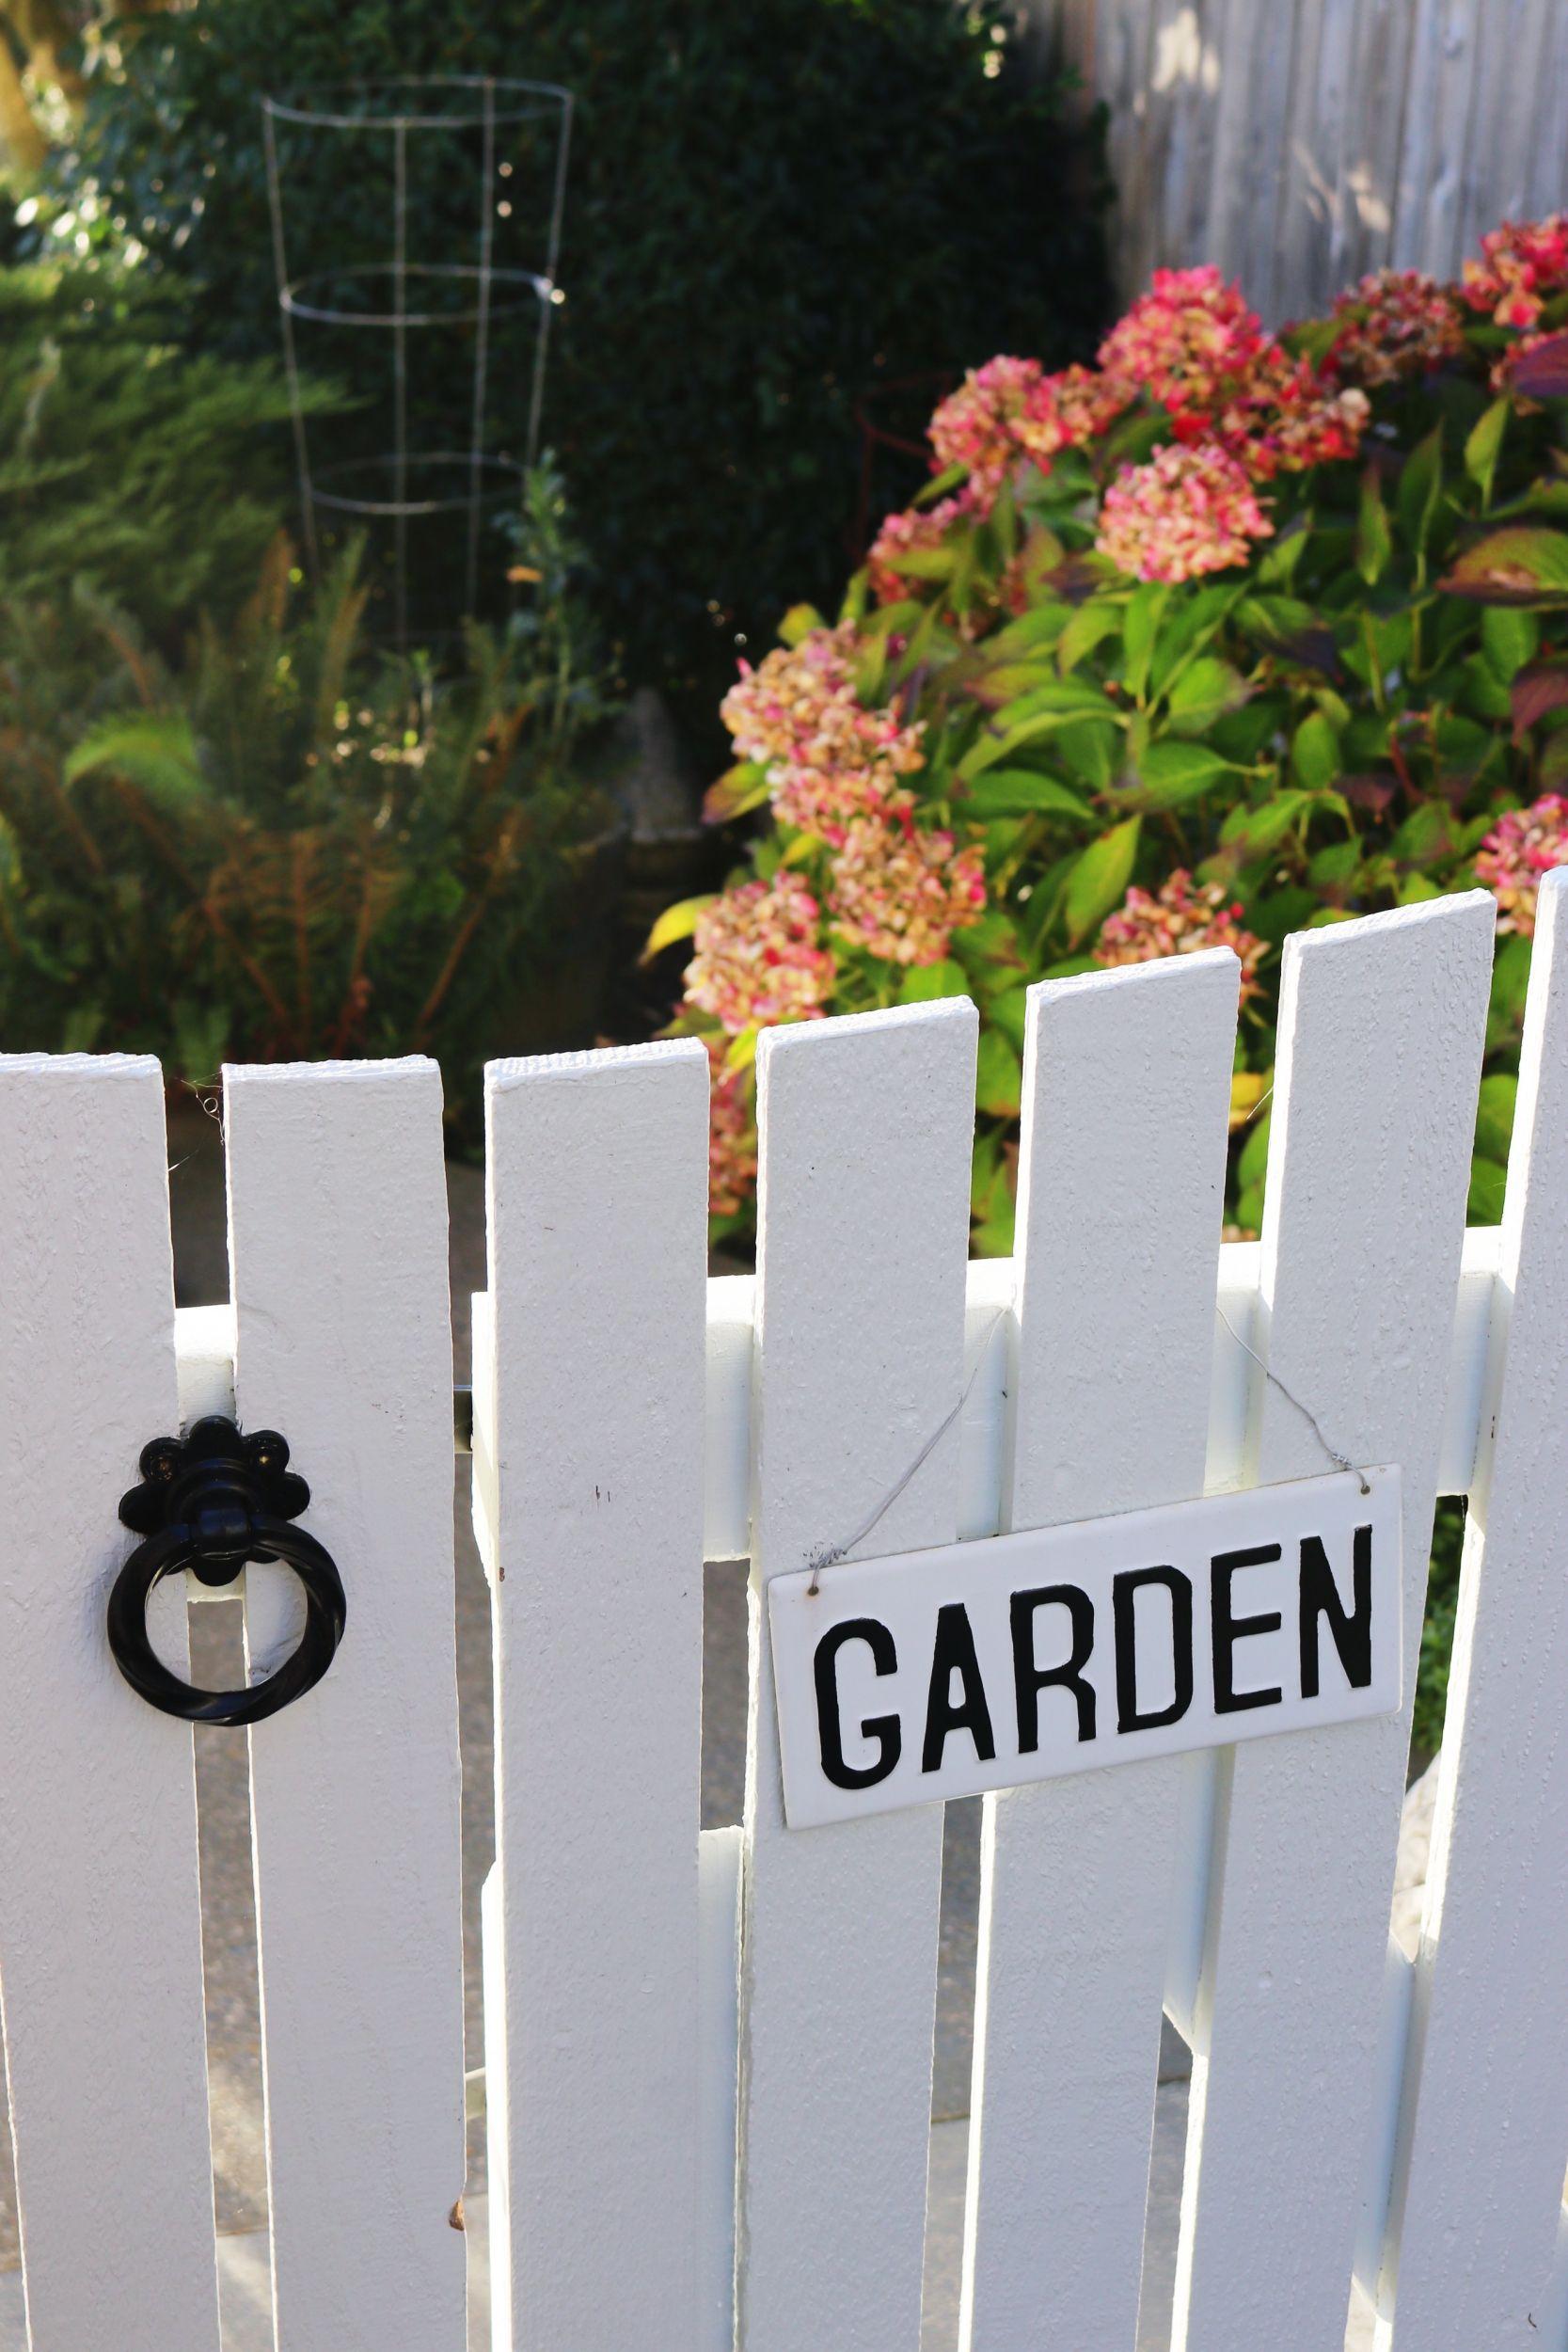 White Picket Garden Gates + Autumn Hydrangeas